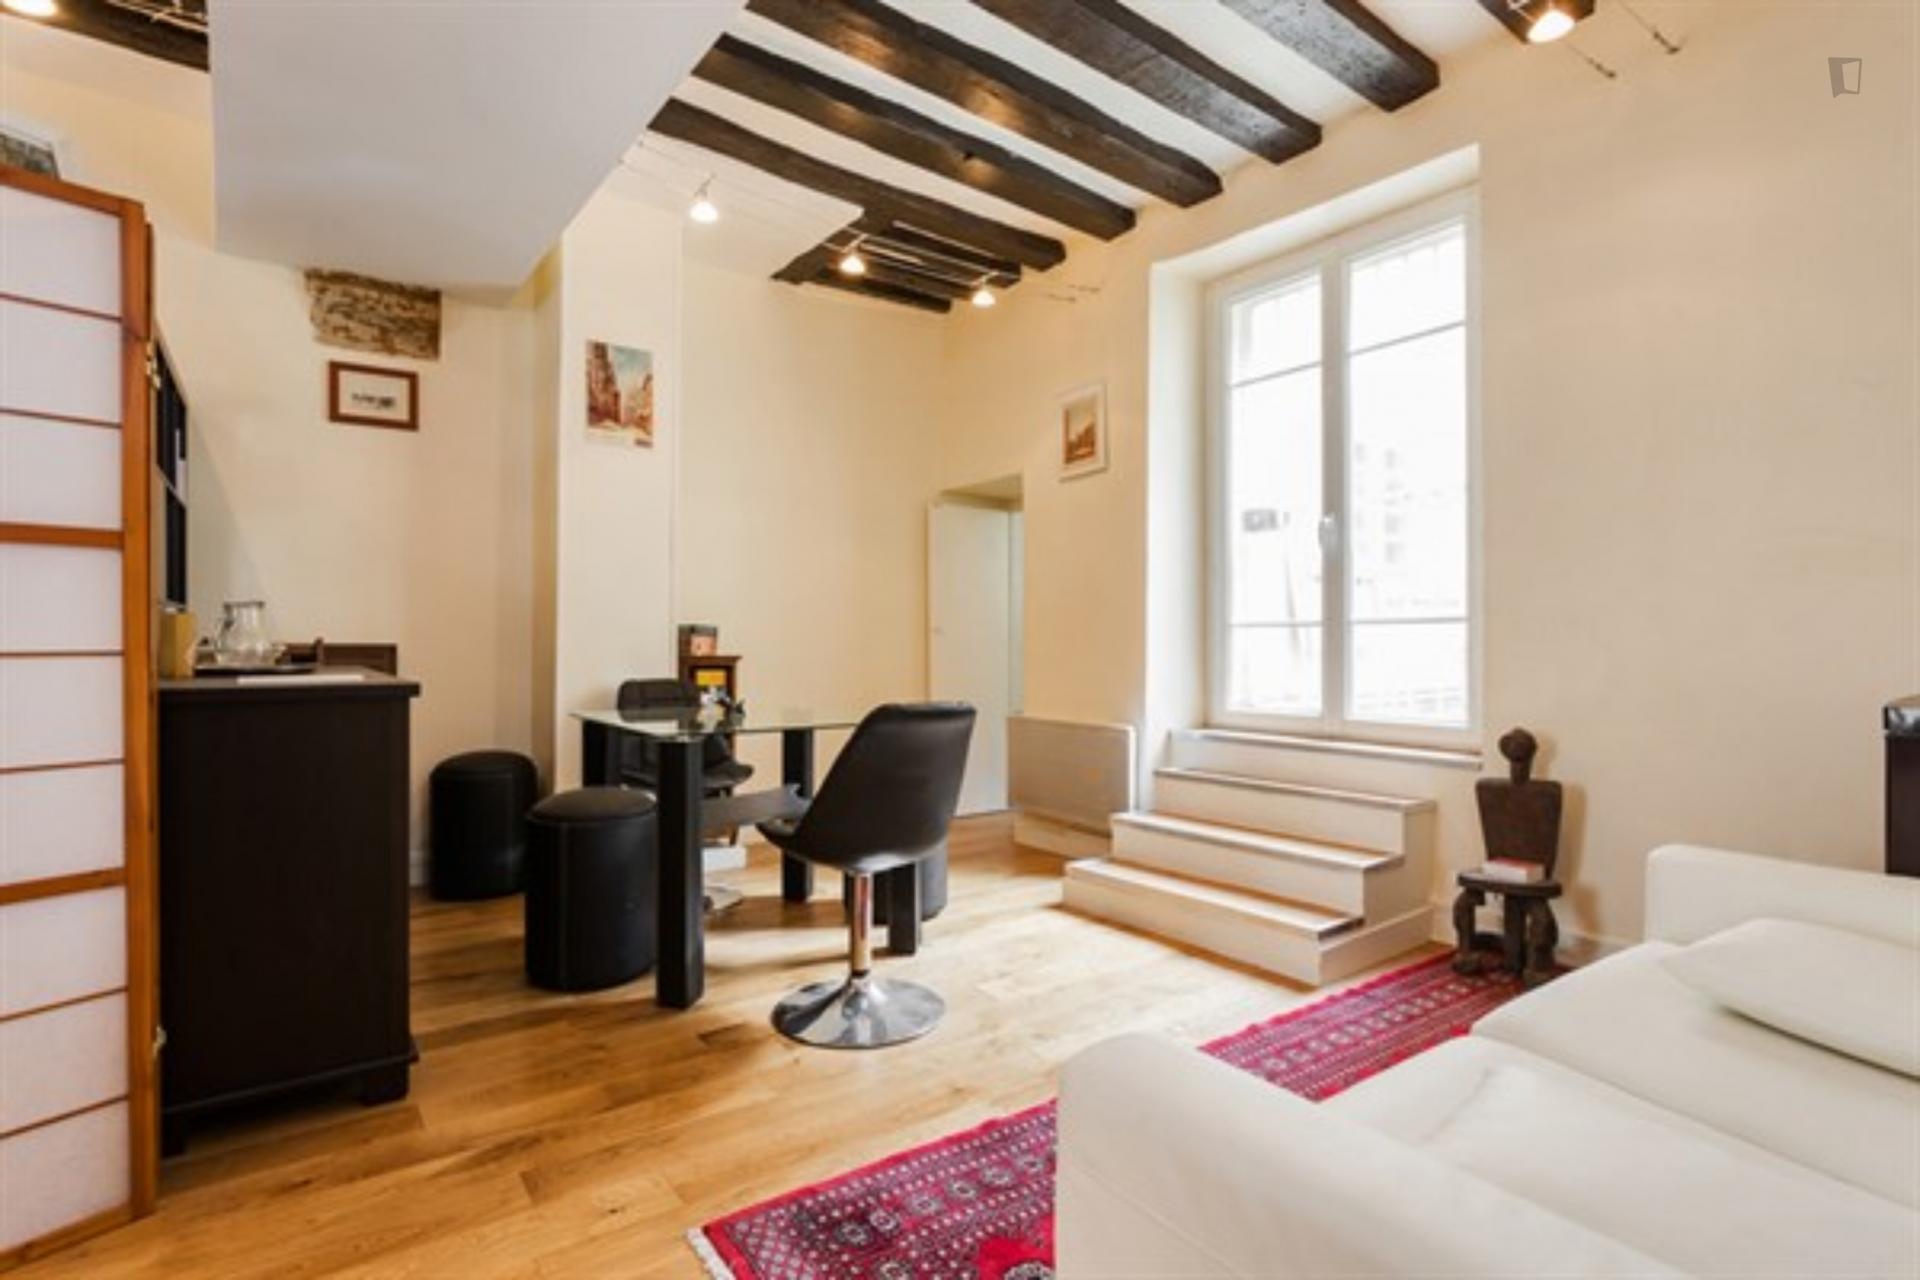 Laplace- Studio with outdoor area in Paris